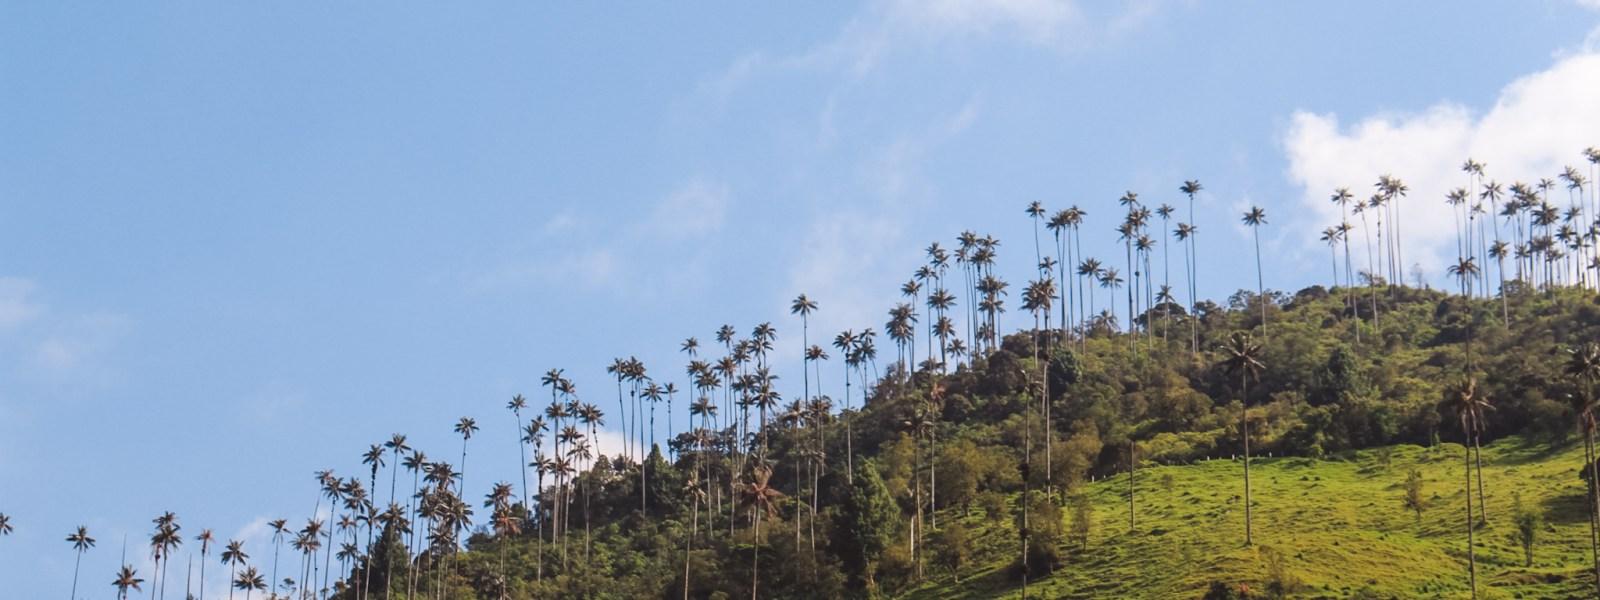 Valle de Cocora: hiken tussen de palmbomen in Colombia